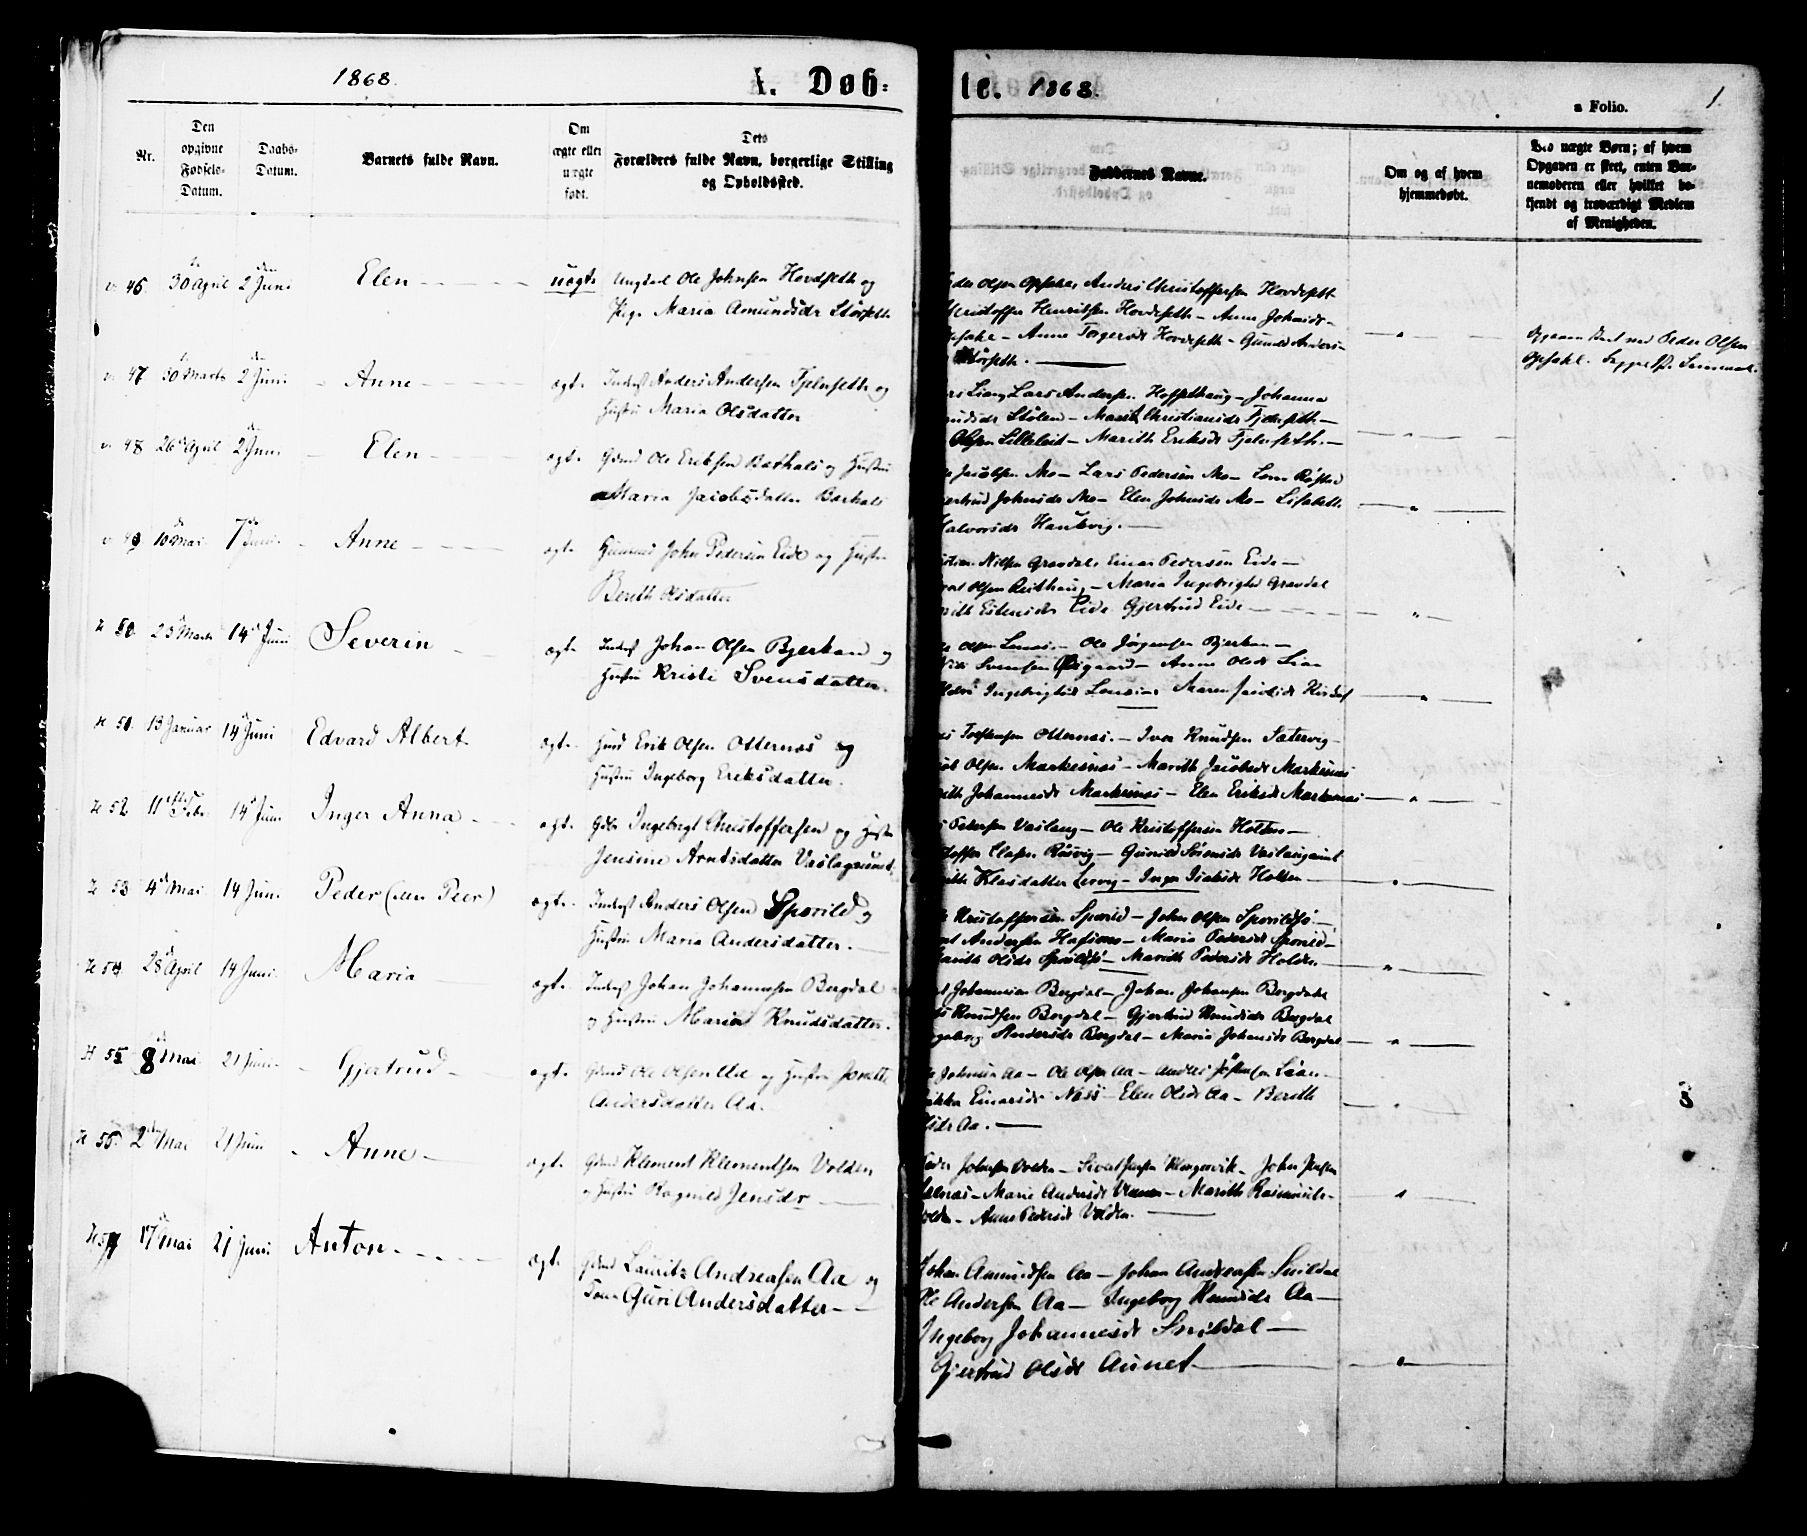 SAT, Ministerialprotokoller, klokkerbøker og fødselsregistre - Sør-Trøndelag, 630/L0495: Ministerialbok nr. 630A08, 1868-1878, s. 1